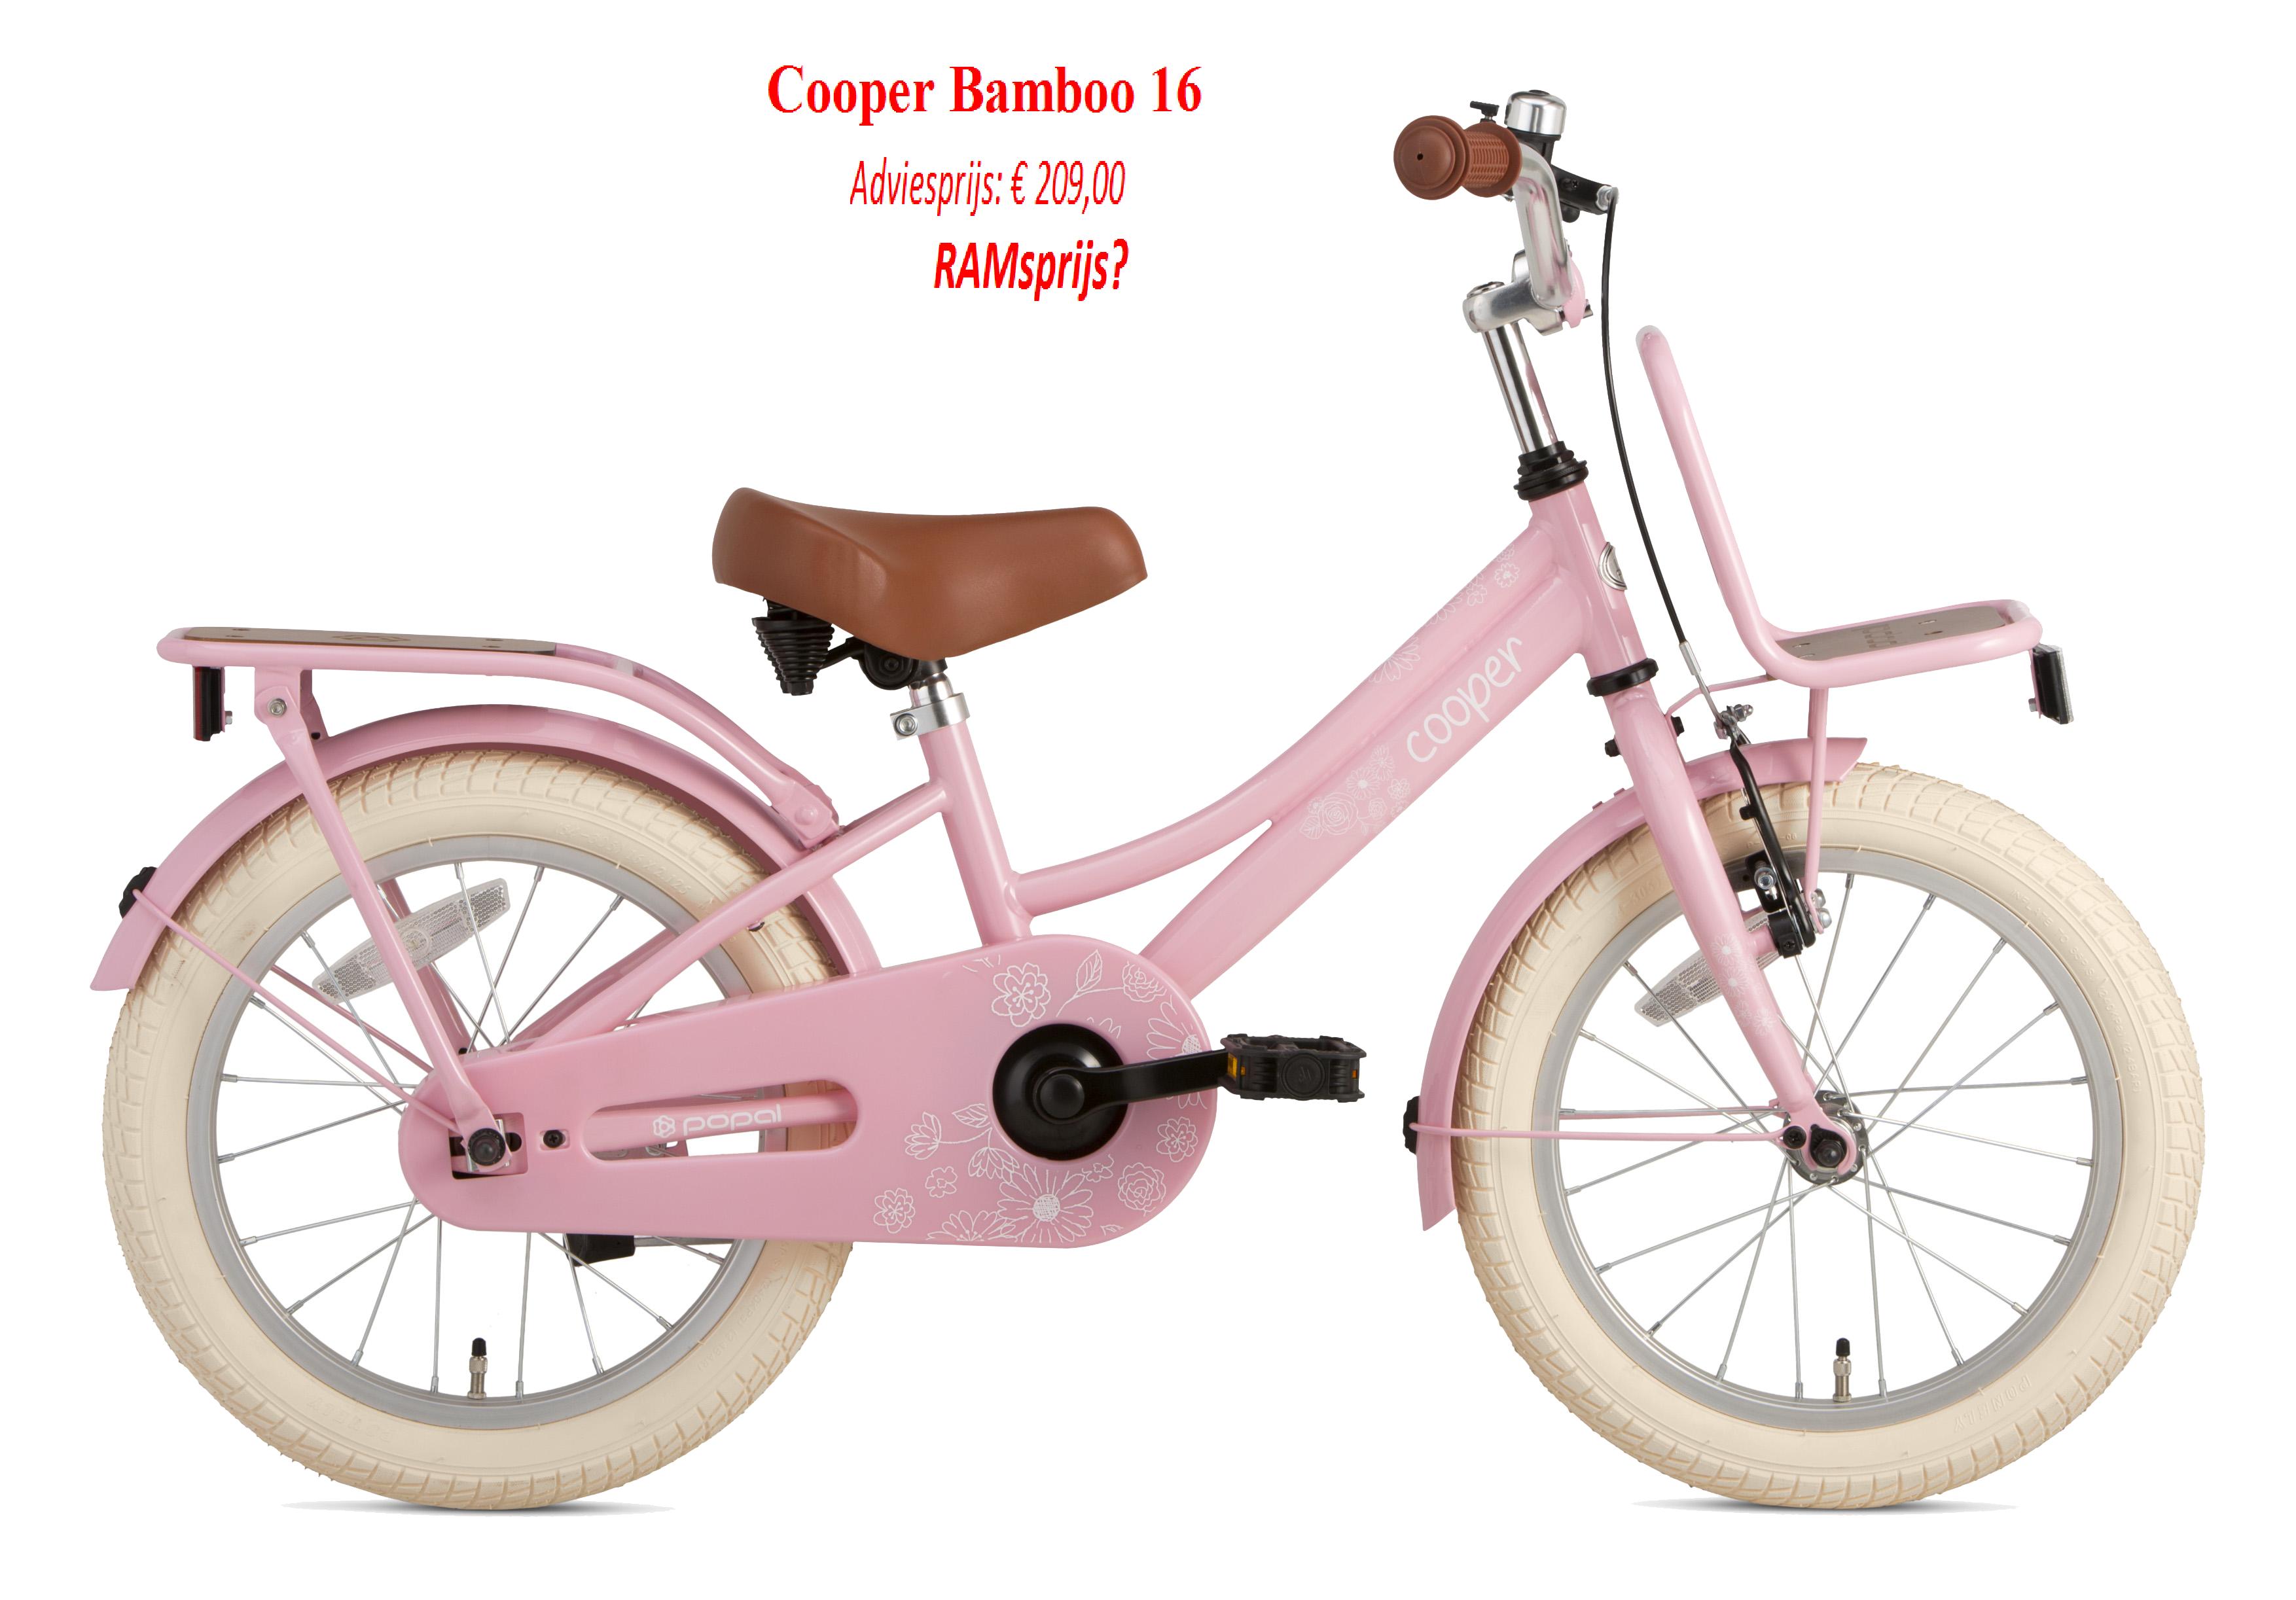 Cooper Bamboo 16   Adviesprijs: € 209,00       RAMsprijs?